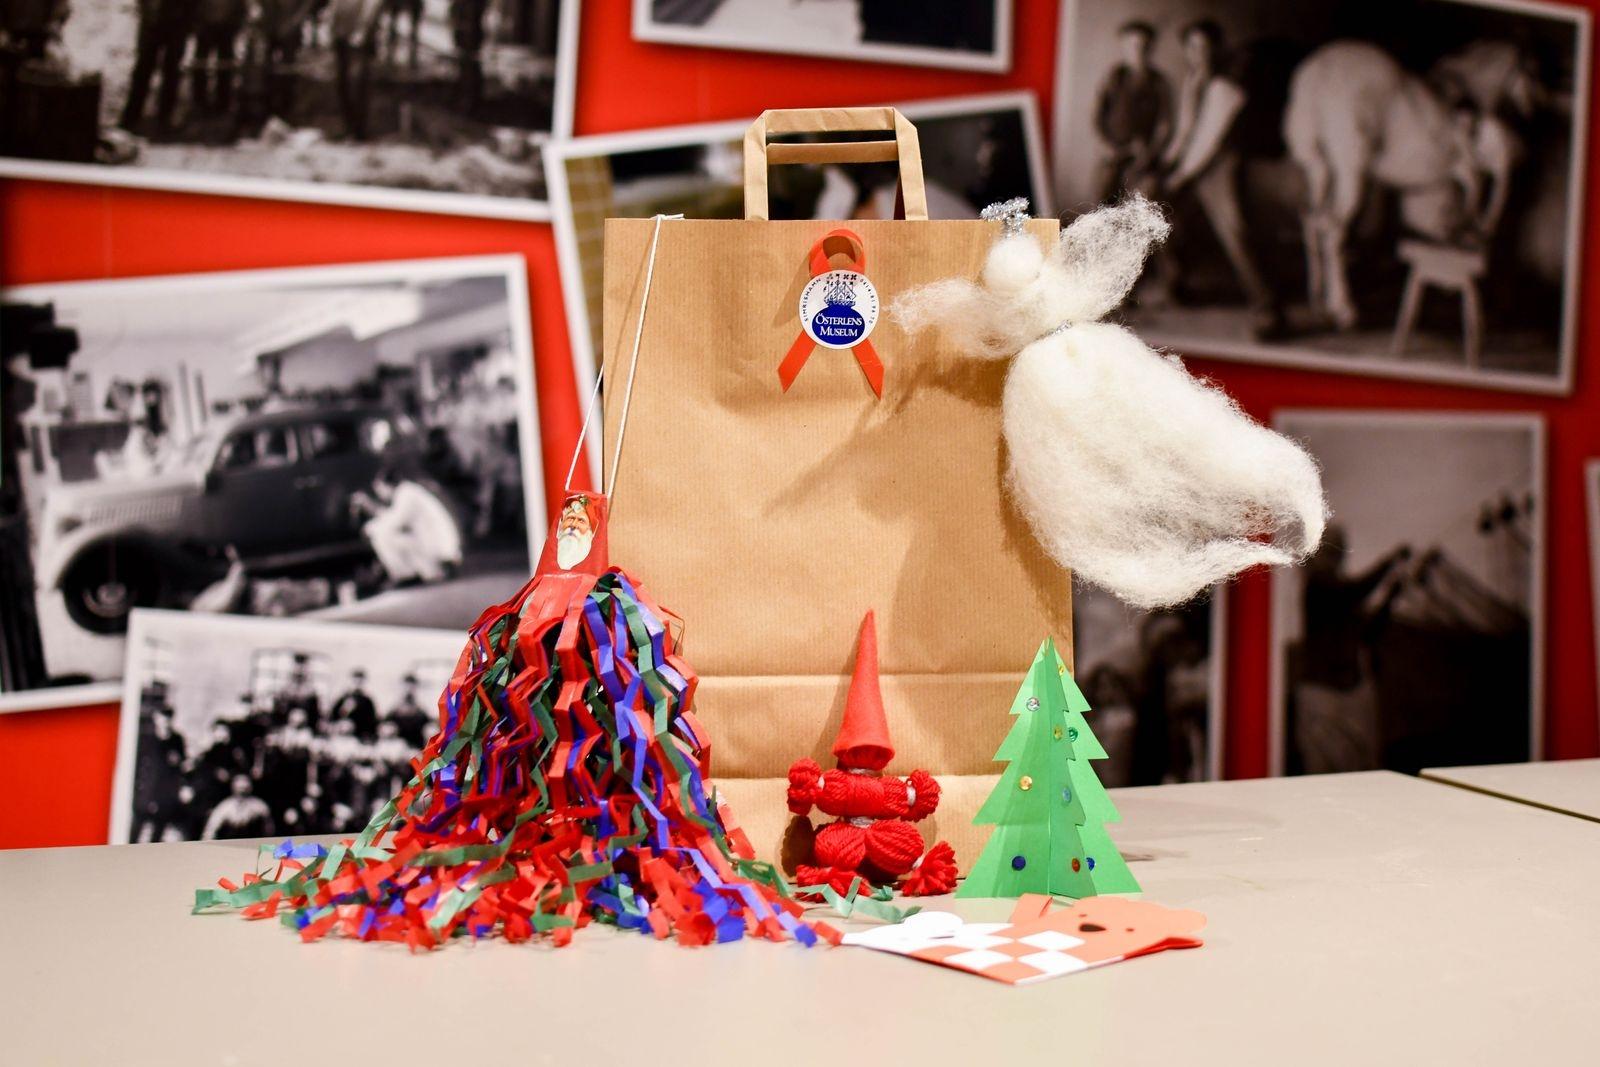 """""""I påskas sålde vi en pysselpåse som blev väldigt uppskattad, därför bestämde vi oss för att erbjuda en påse även till jul. Dessutom finns alltid """"månadens pyssel"""" framdukat inne på museet, som besökarna får göra helt kostnadsfritt."""""""